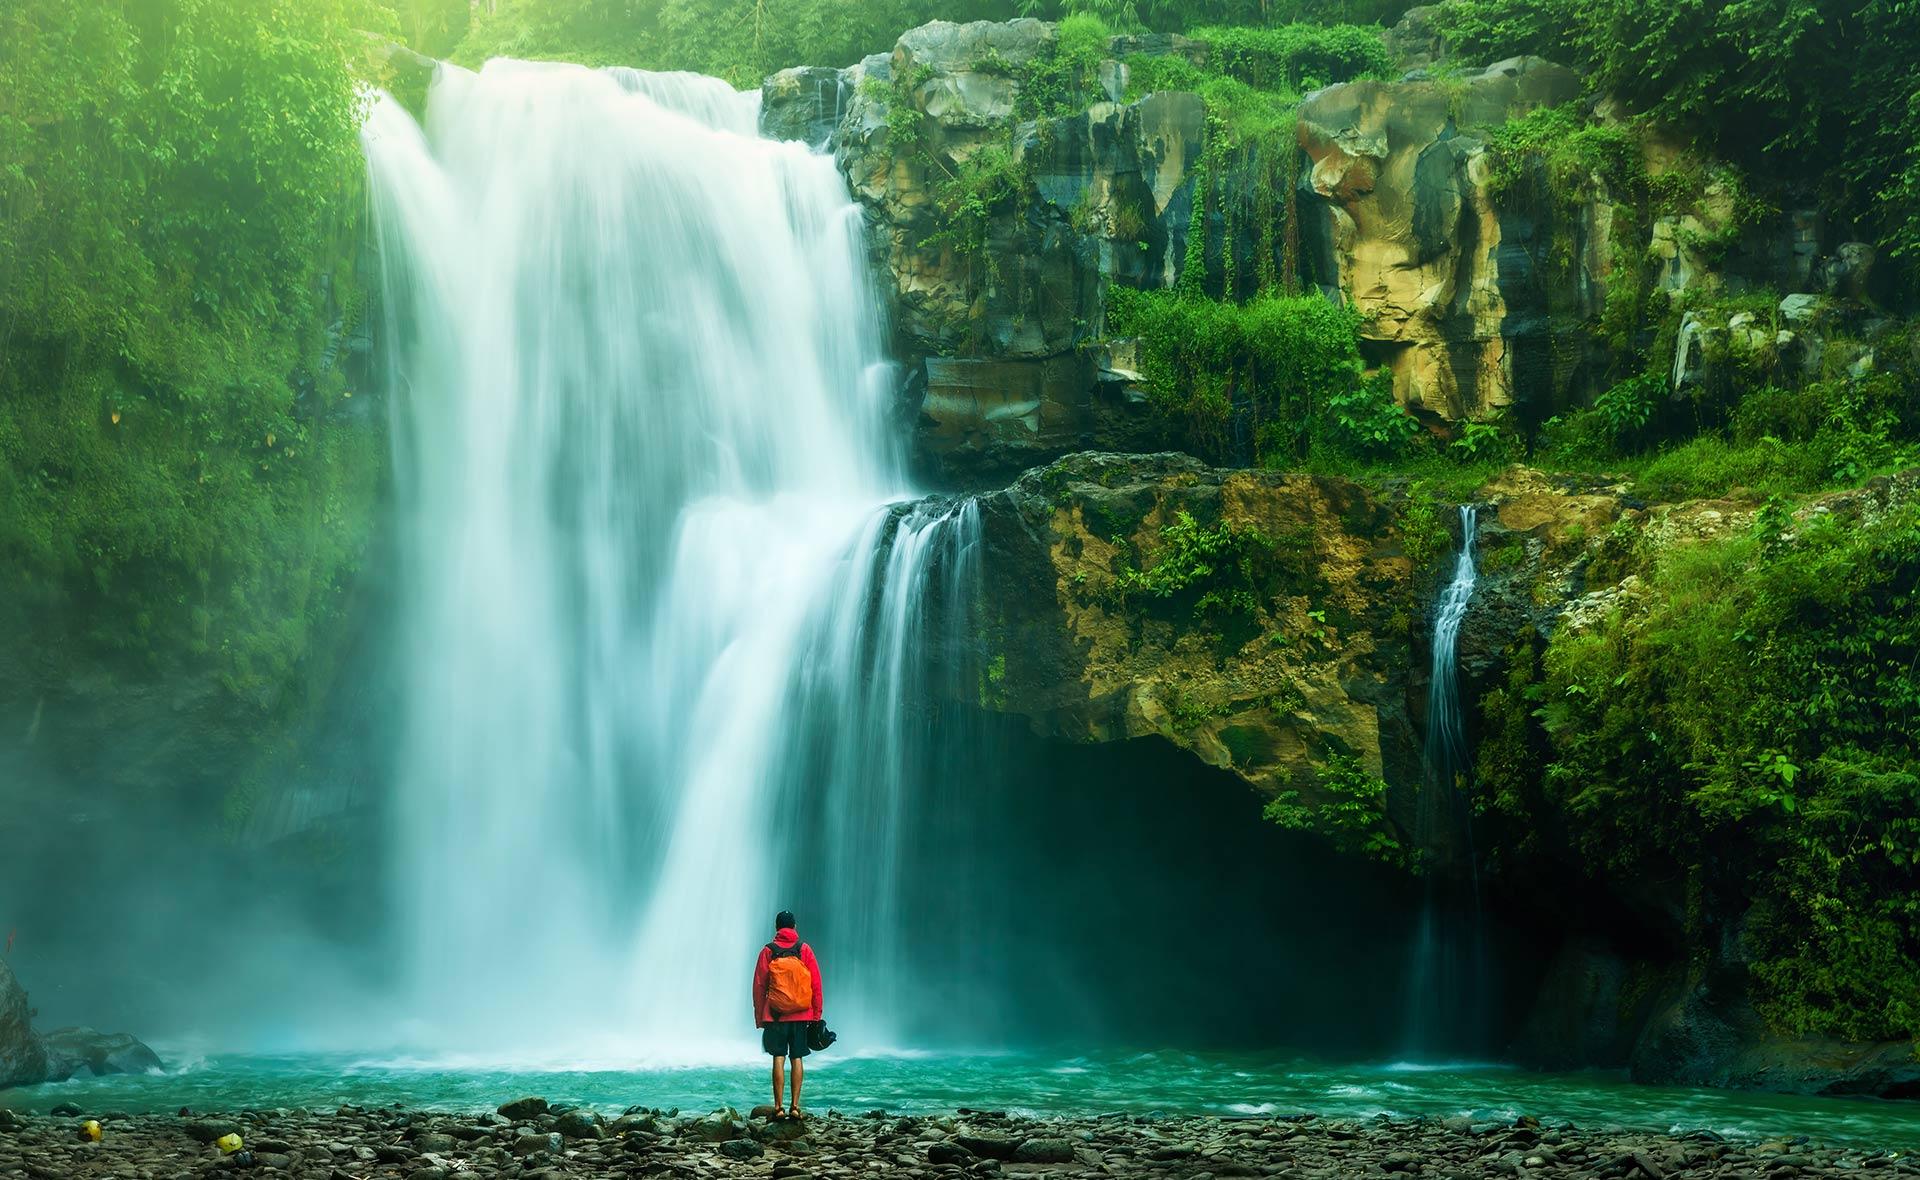 parque_ecoturismo-sostenibilidad-viajes-responsables-turismo-viajeros-medioambiente